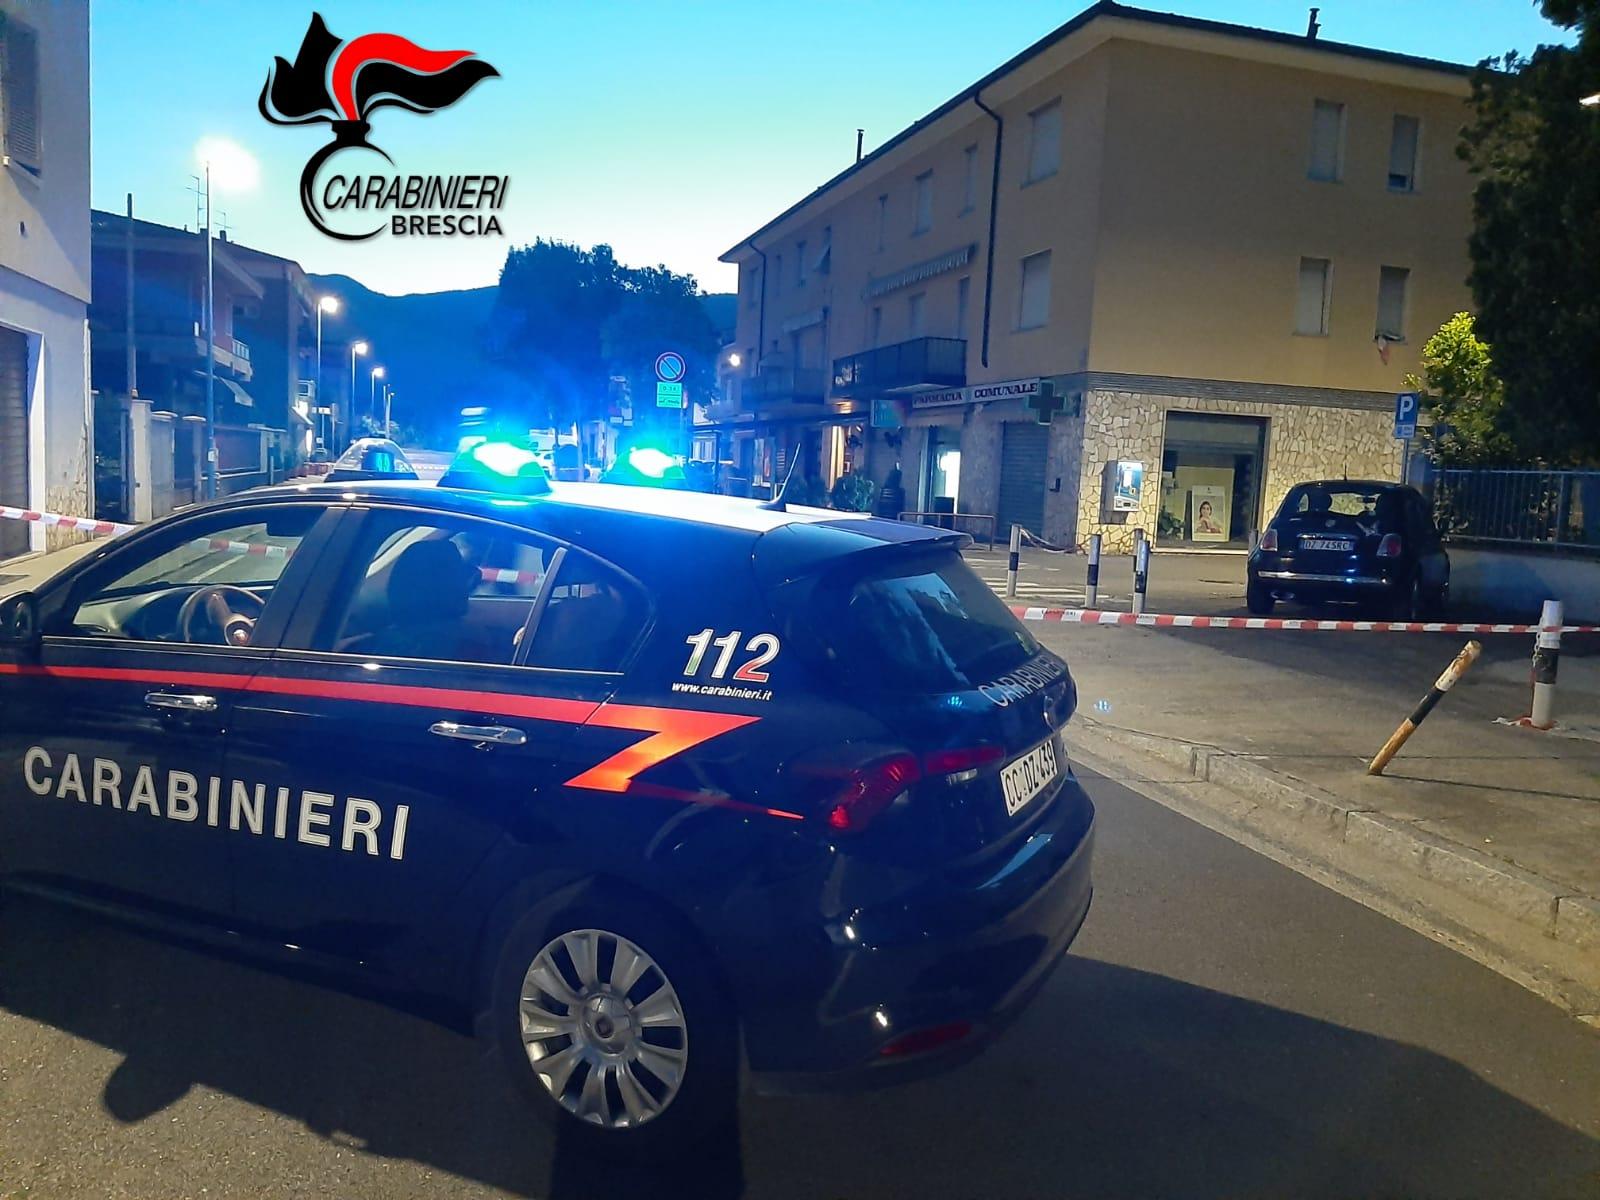 Gambizzato in strada a Brescia nella notte. Ferito un 66enne